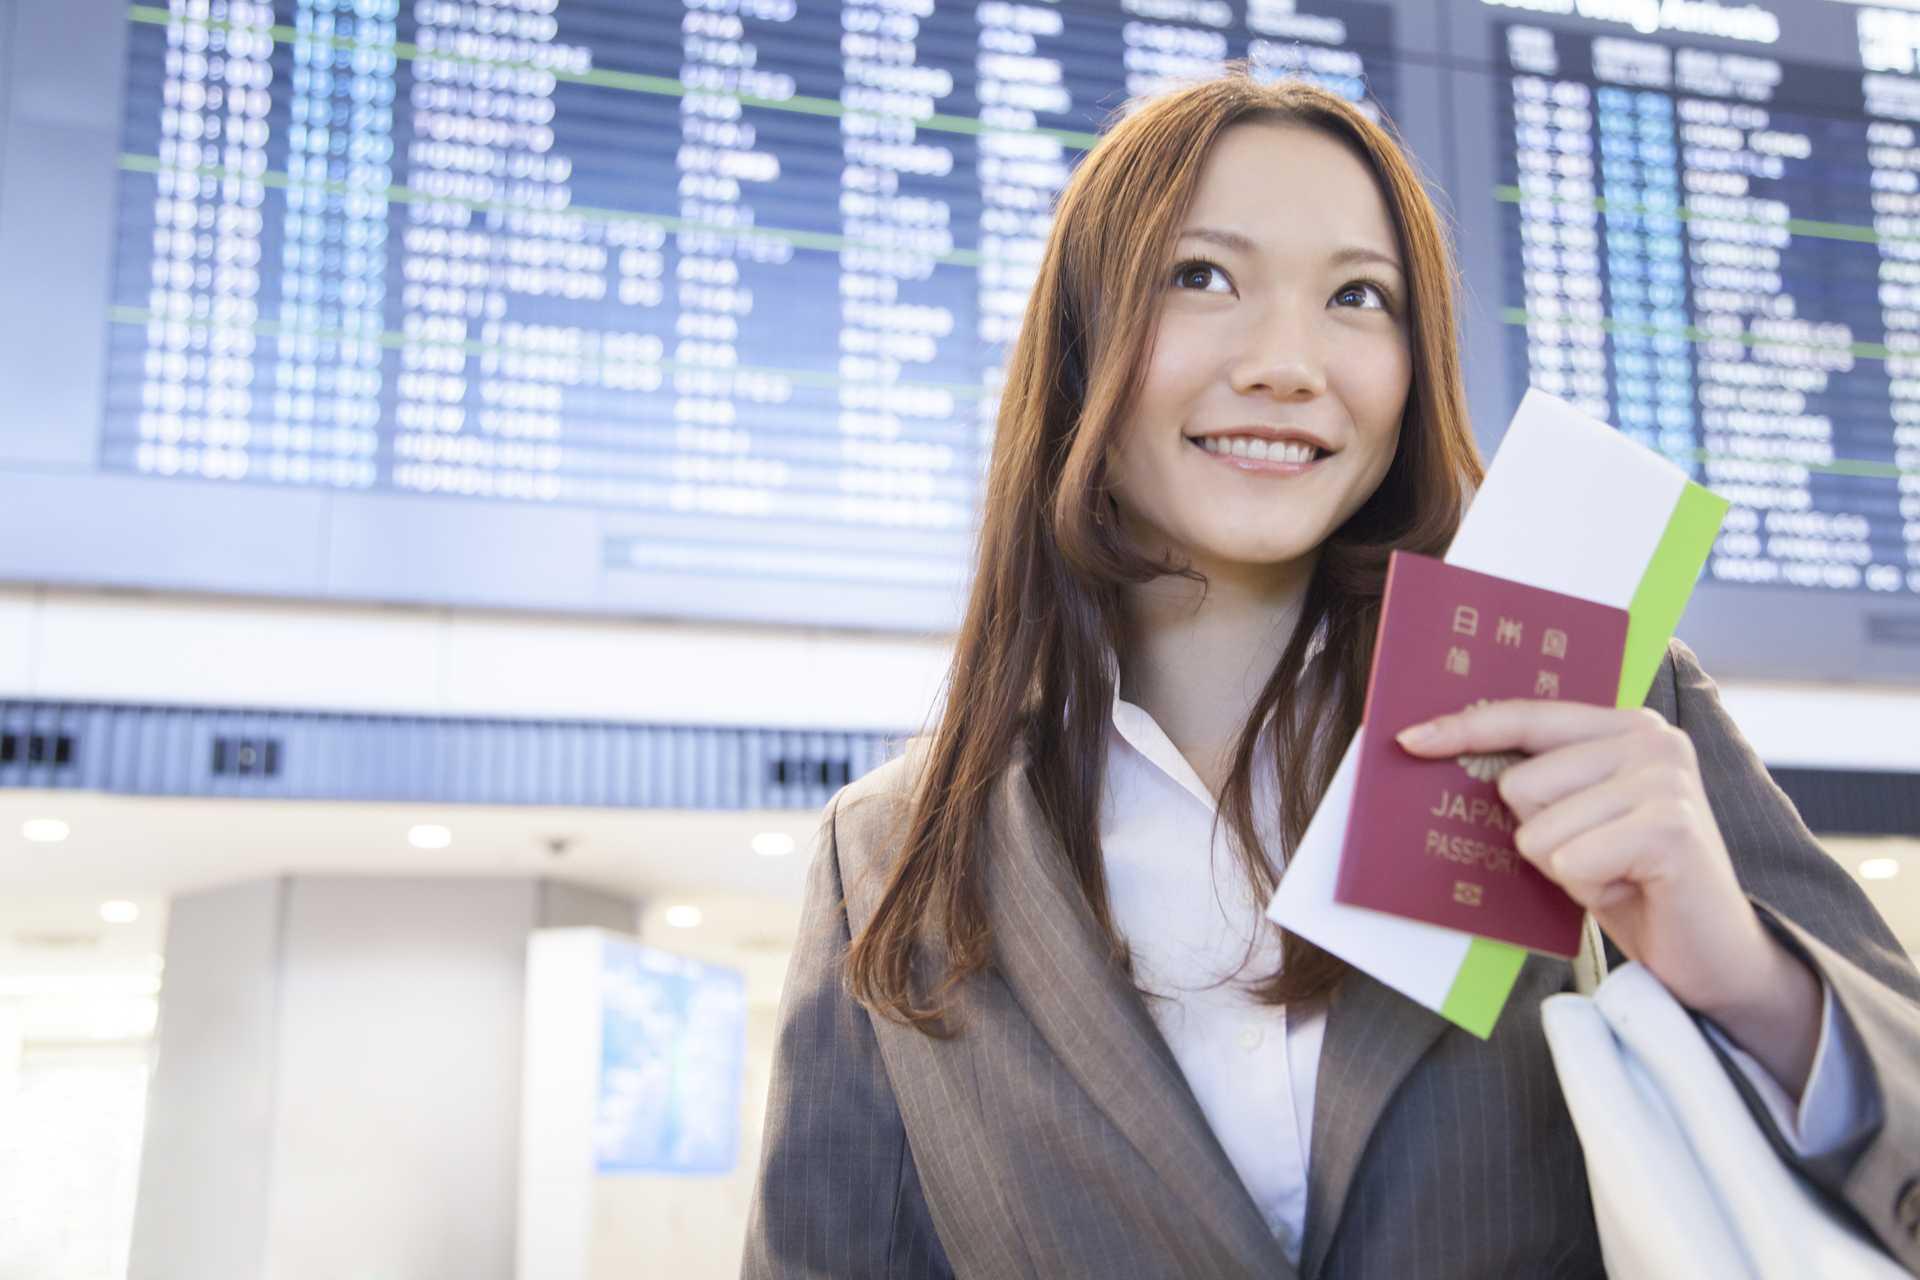 思いきって、海外旅行に1人で行ってみませんか。 | 魅力的な人になる30の方法